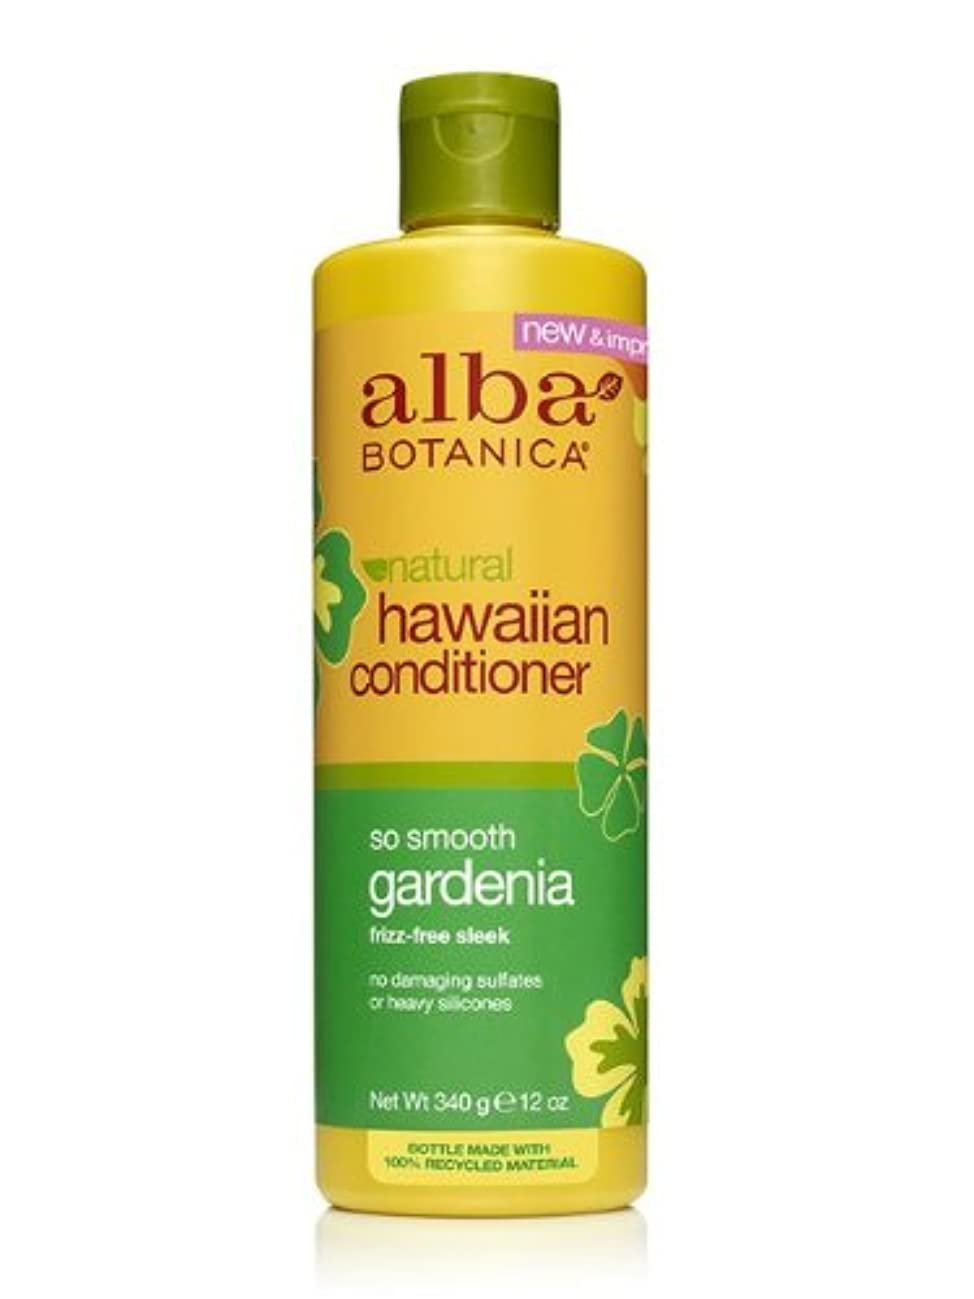 閲覧する行列涙alba BOTANICA アルバボタニカ ハワイアン ヘアコンディショナー GA ガーディニア